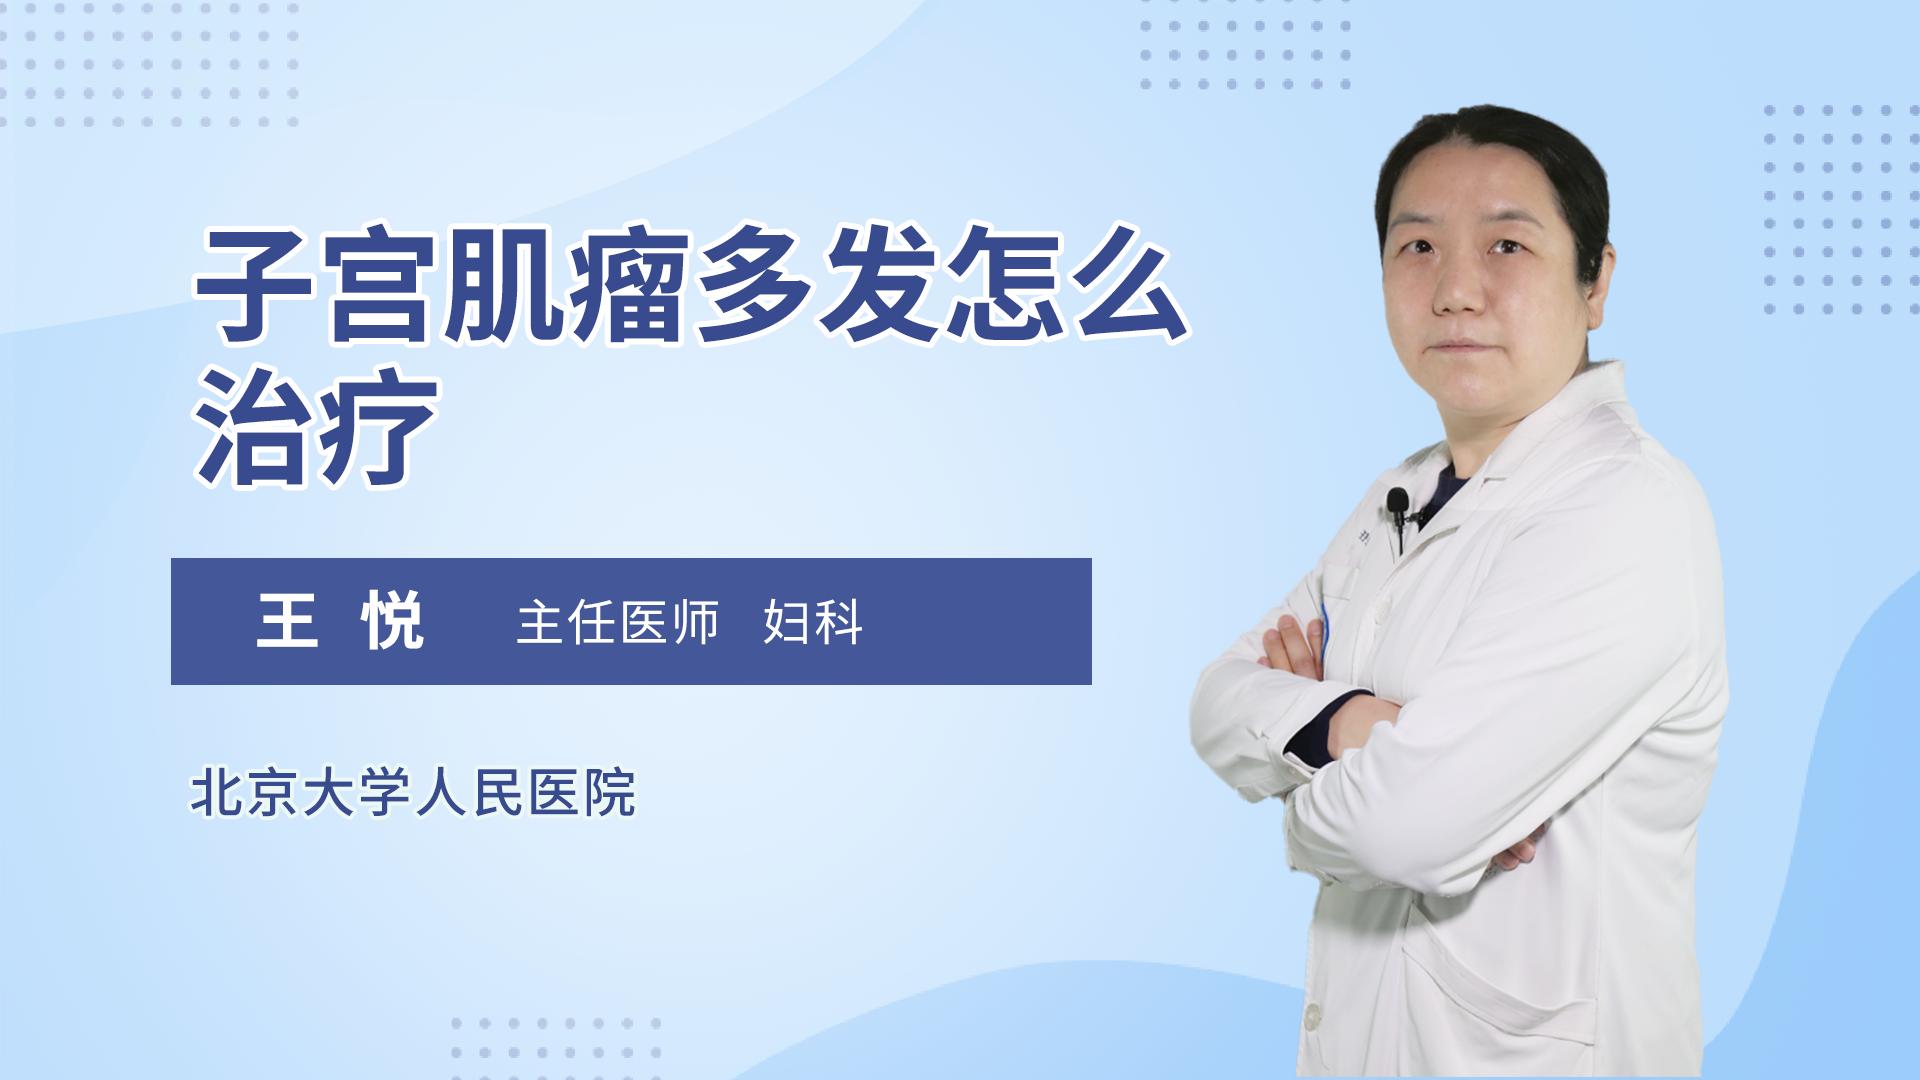 子宫肌瘤多发怎么治疗